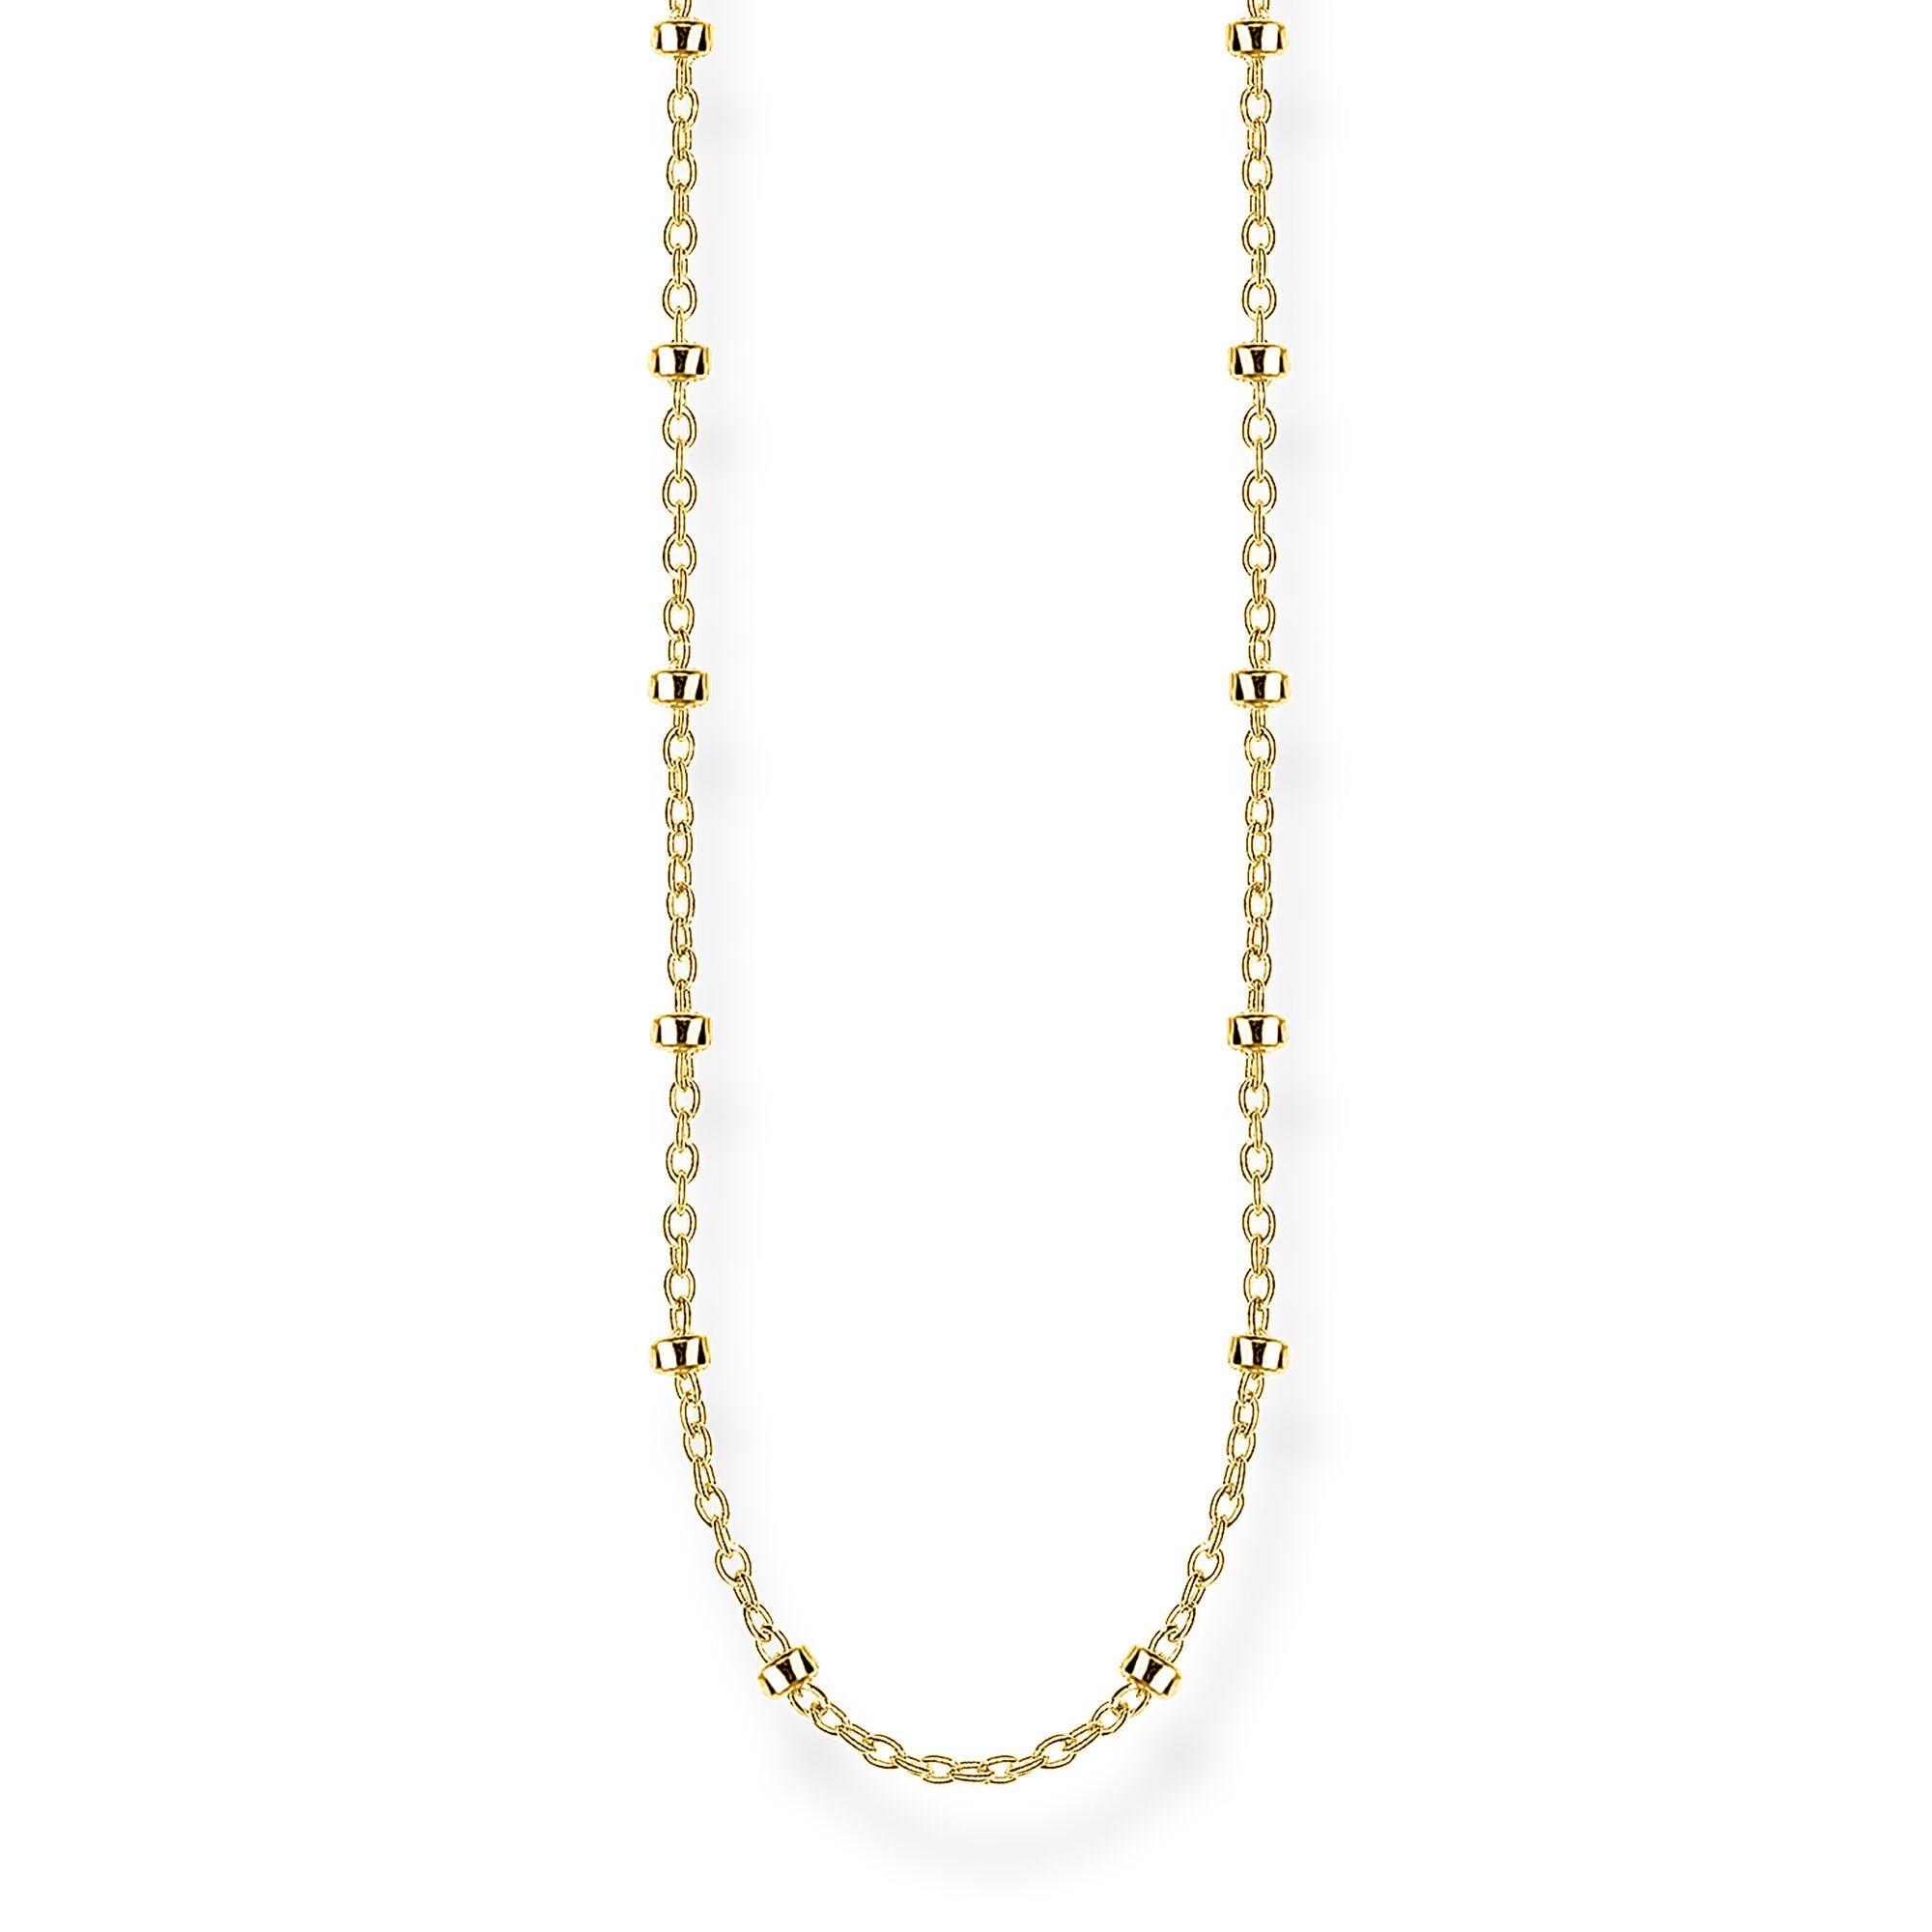 KE1890-413-39 Kette Damen Erbskette Silber Gold 60 cm